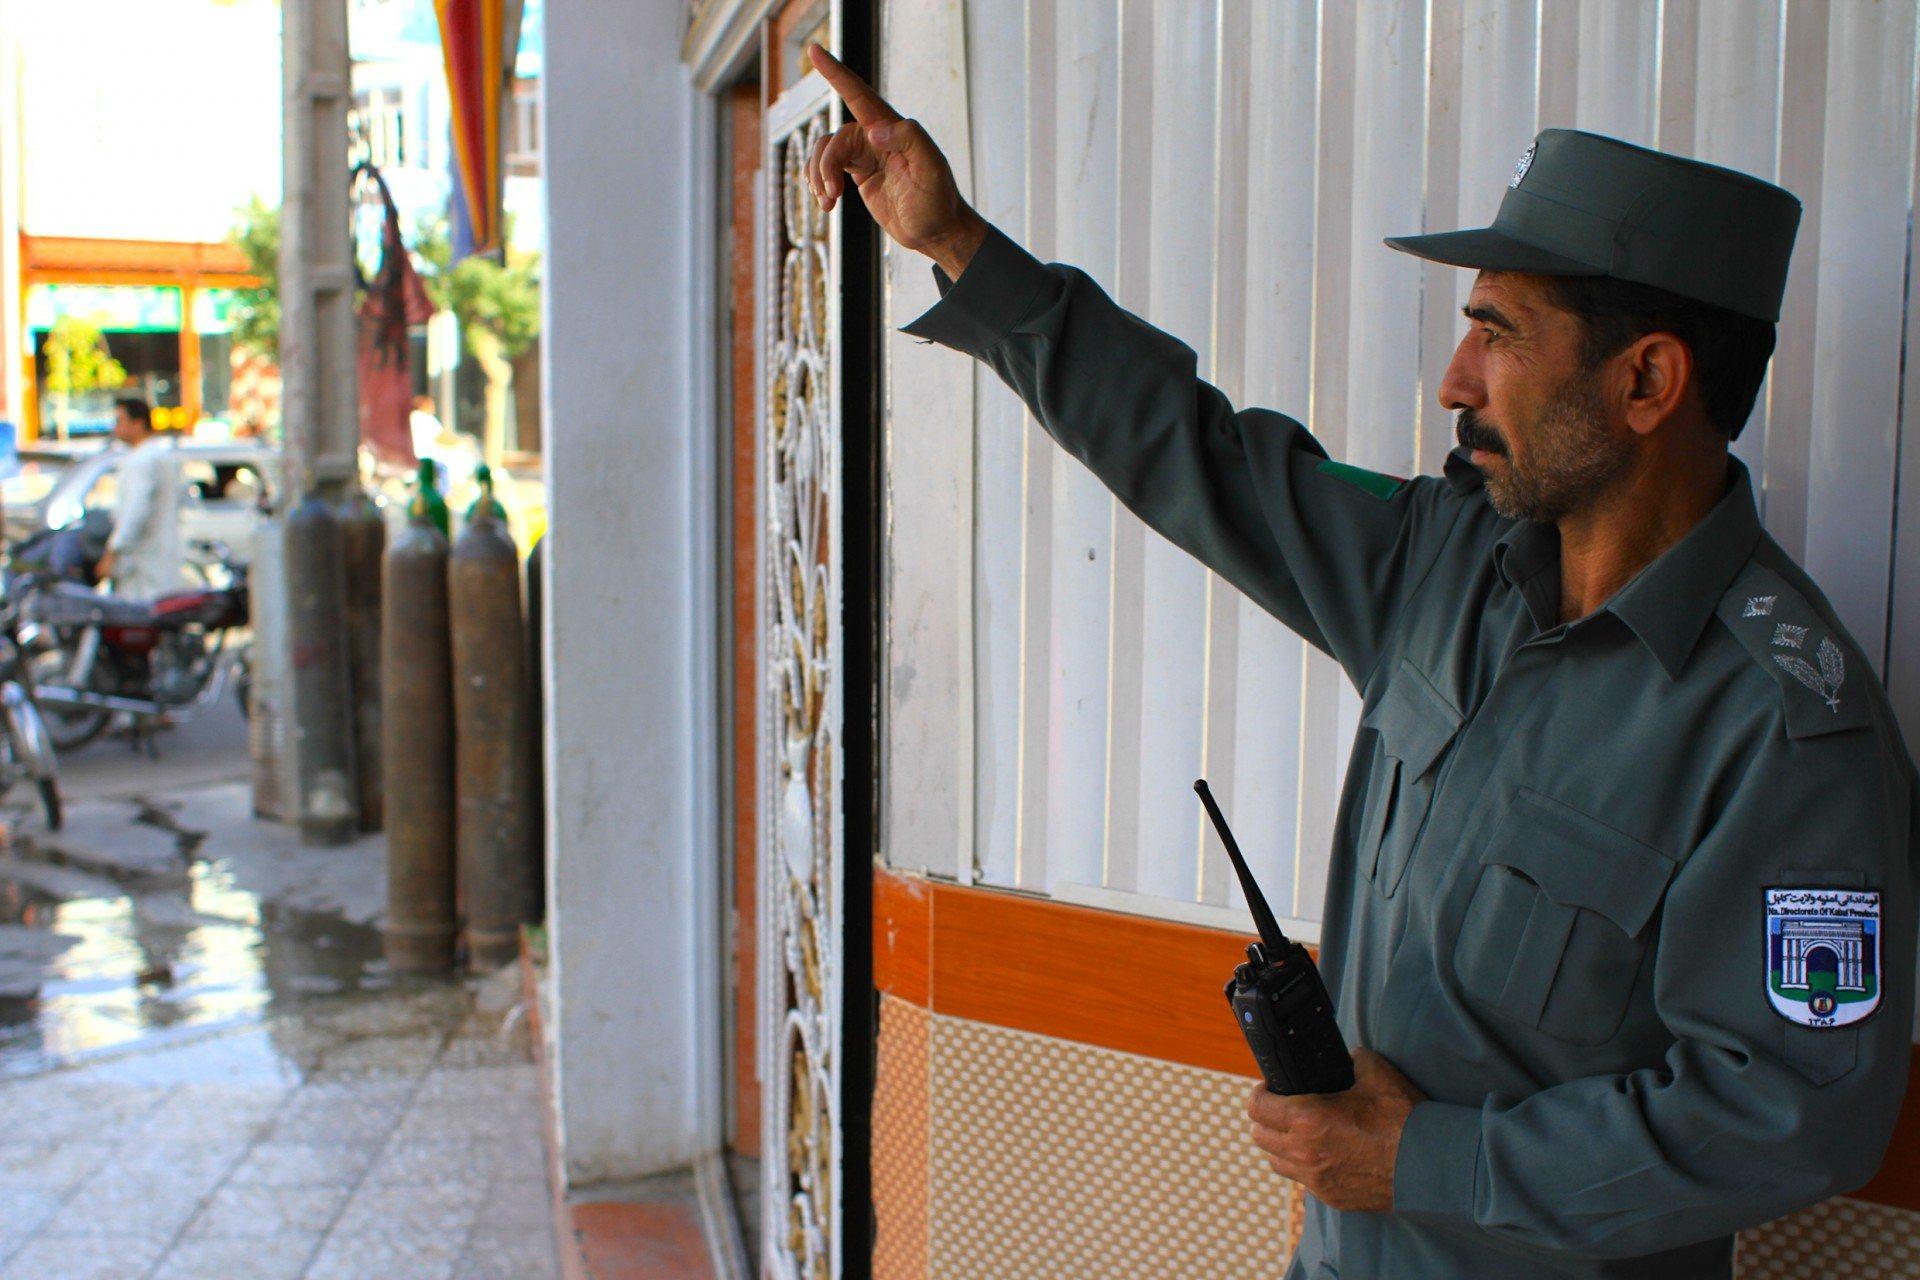 Der Helfer. Herats Polizei bei der Arbeit